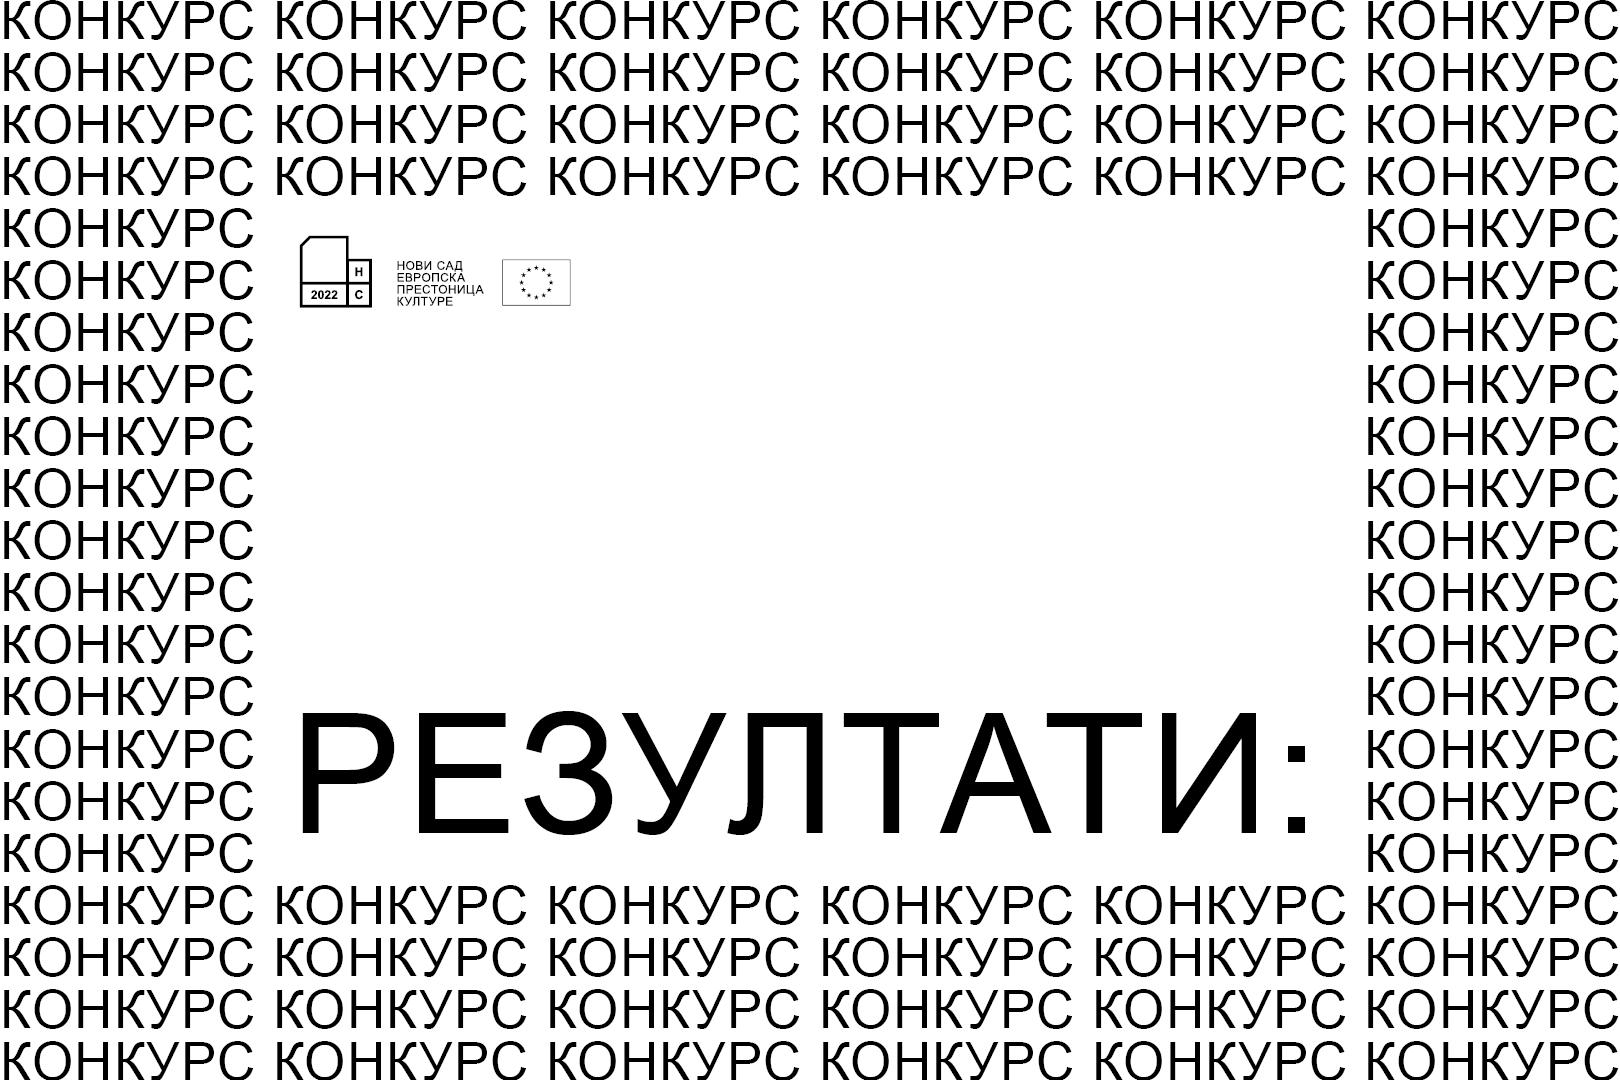 резултати конкурса издаваштва и преводилаштва